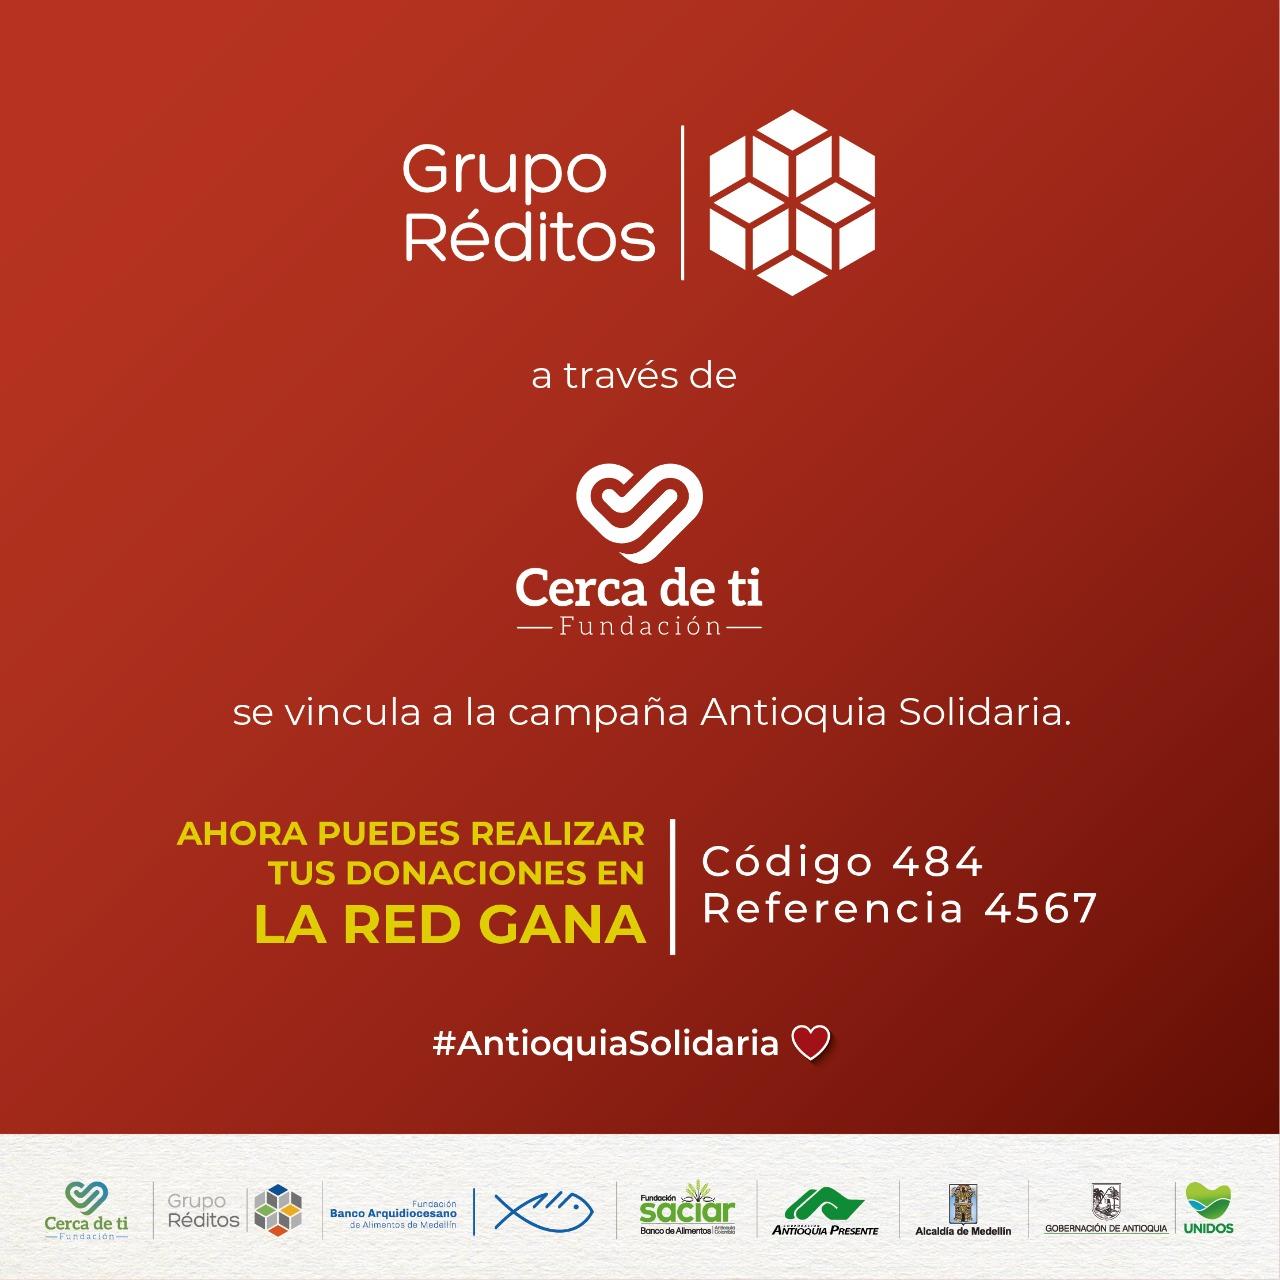 En 1.300 puntos de la Red GANA los ciudadanos podrán realizar aportes a la campaña Antioquia Solidaria